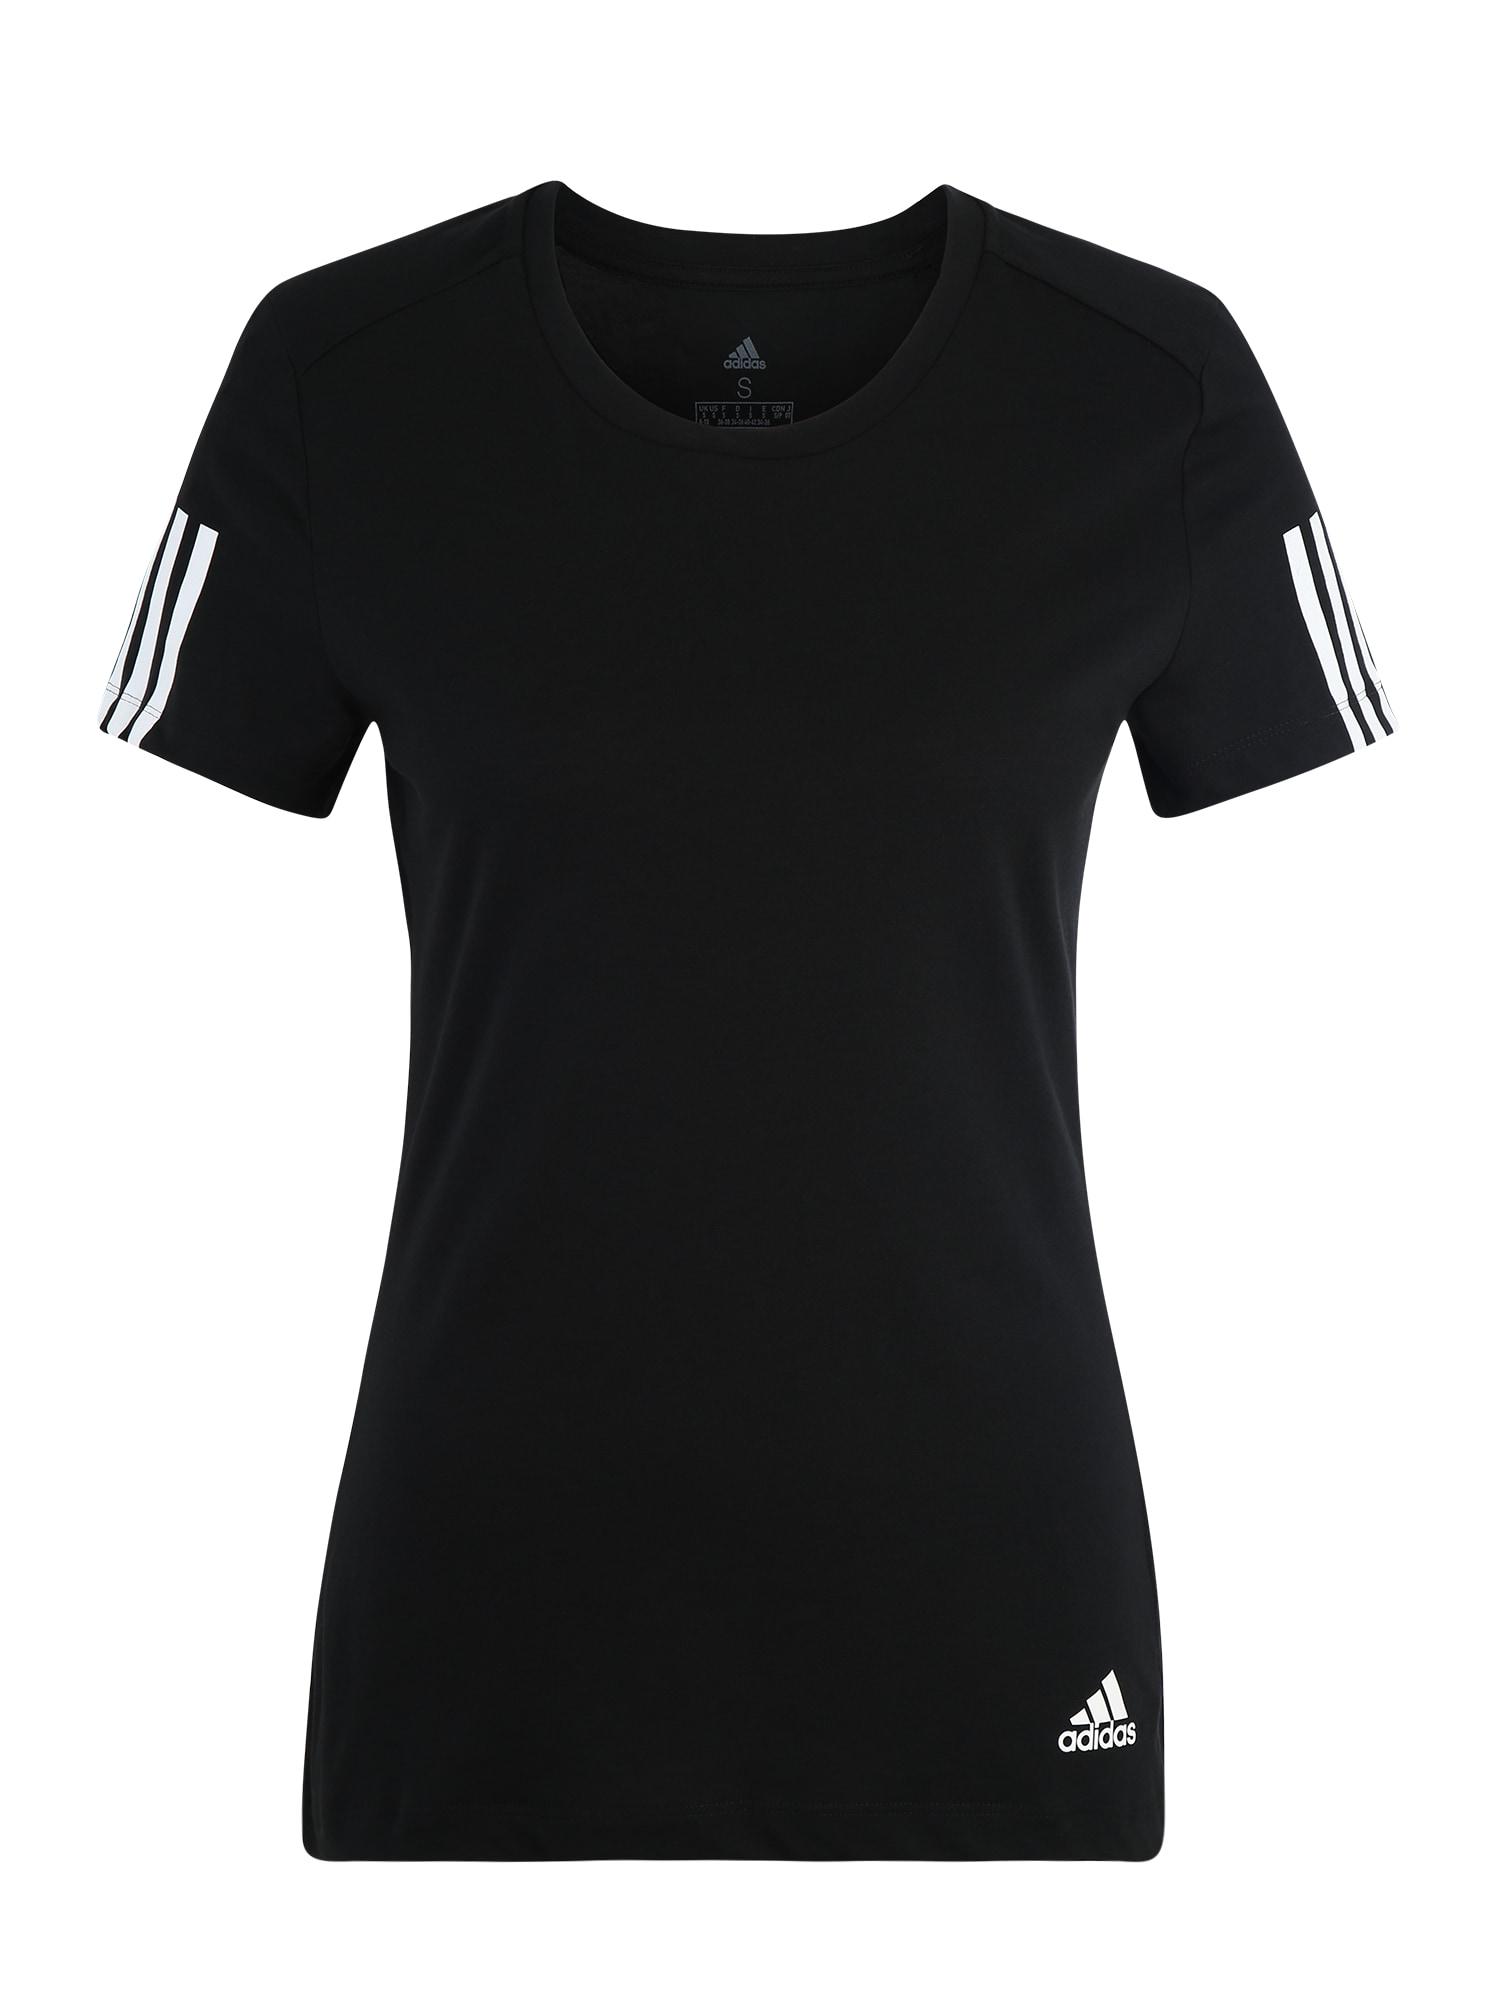 ADIDAS PERFORMANCE Sportiniai marškinėliai 'Run It' juoda / balta